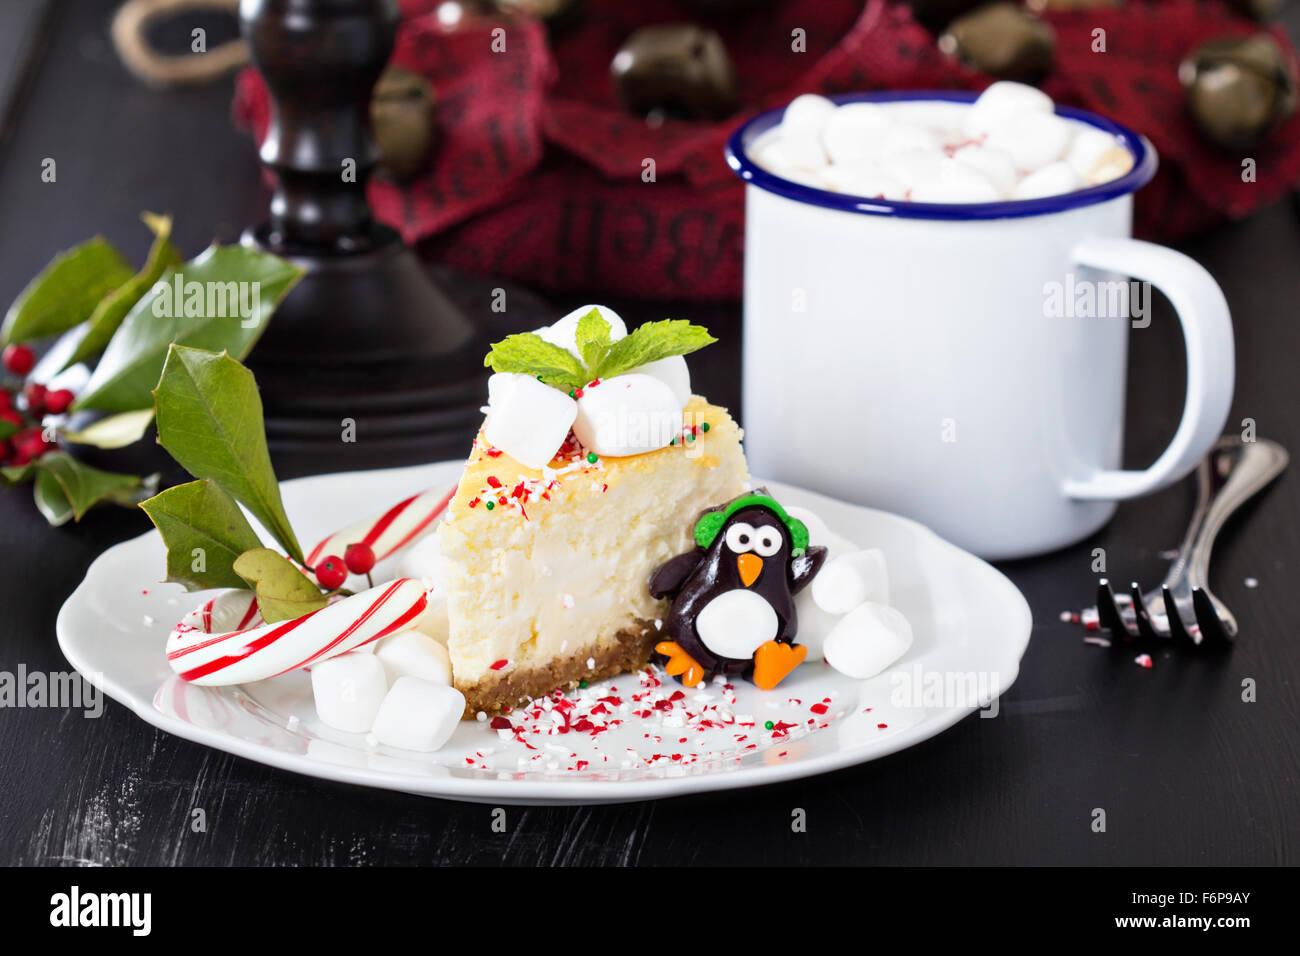 Stück Käsekuchen New York festlich dekoriert für Weihnachten Stockbild